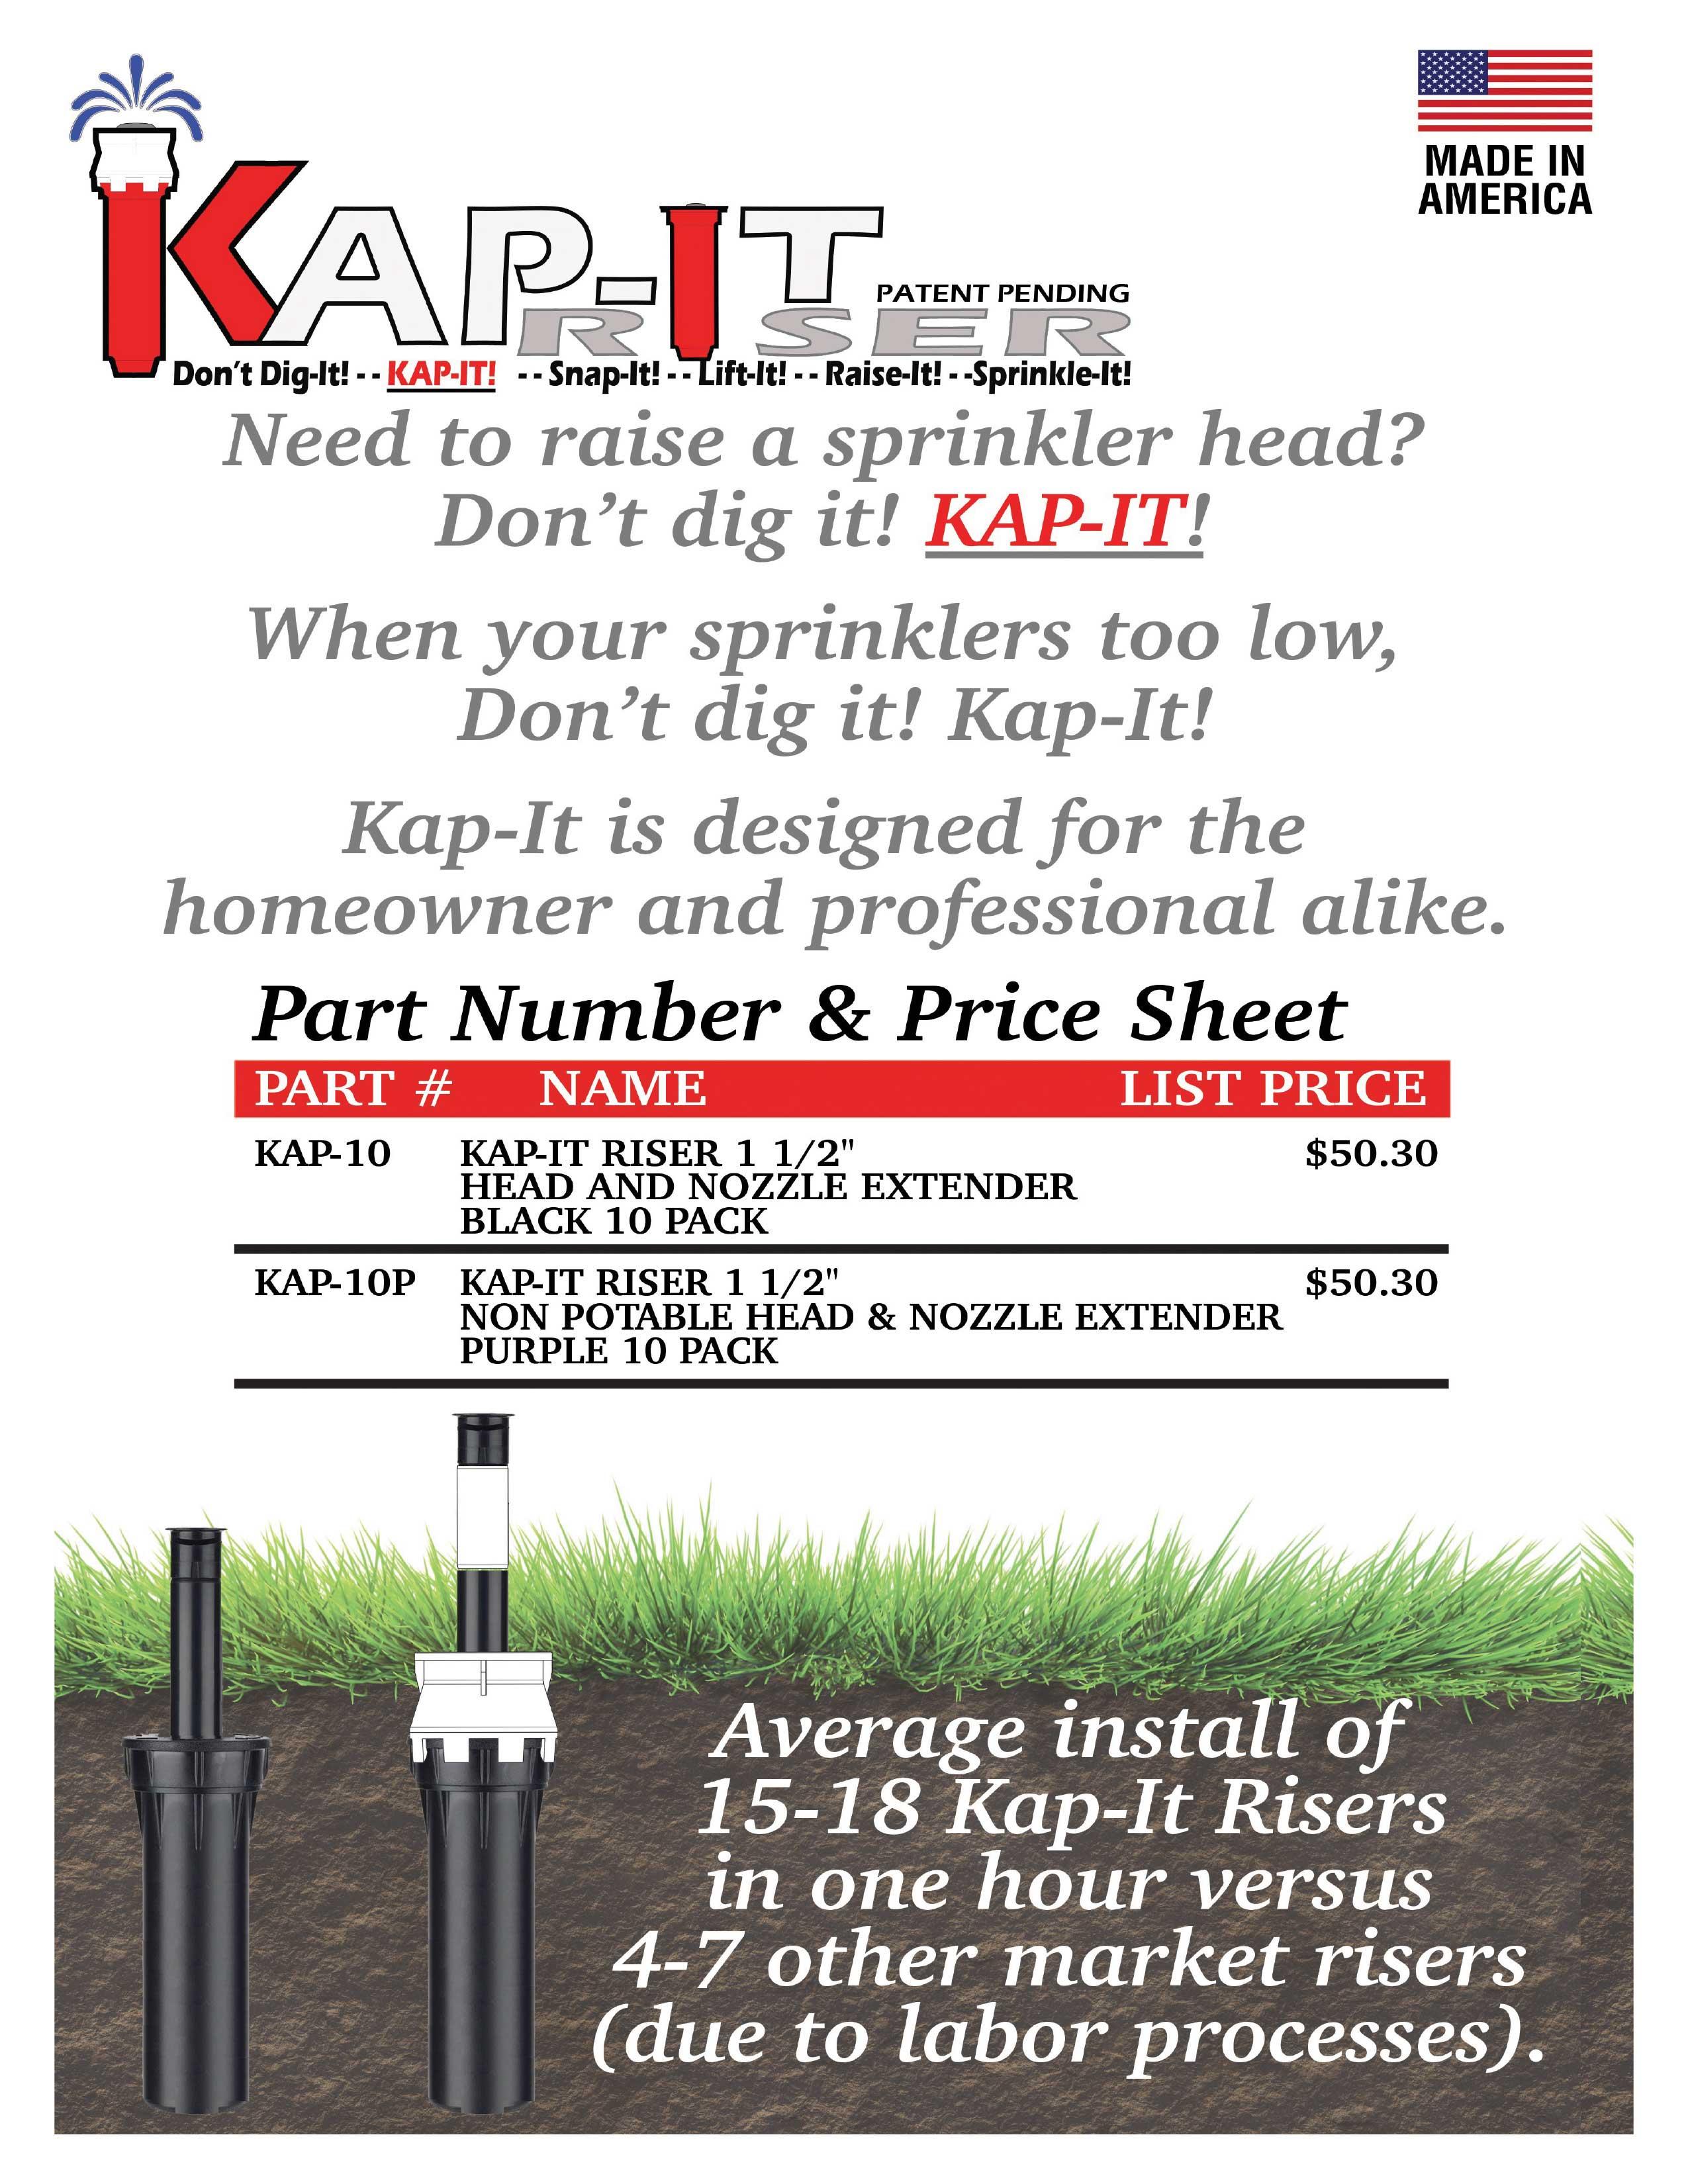 Kap-it-info | Twin Falls ID Klok It, Locking Devices and